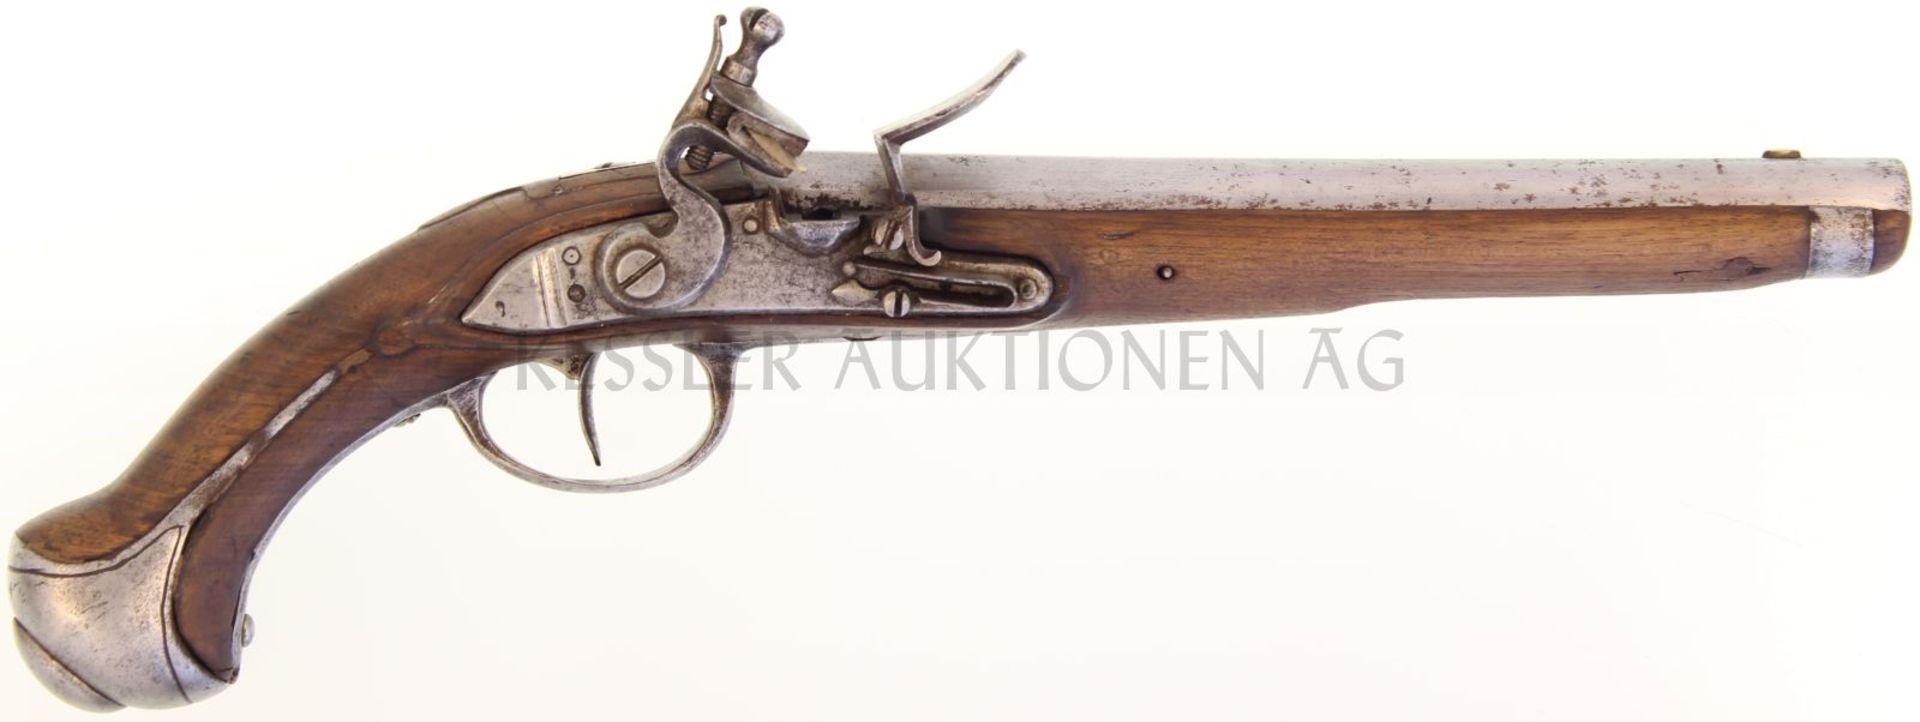 Steinschlosspistole Deutsch, Kal. 18.7mm 28.5cm langer Rundlauf mit achtkantiger Wurzel,